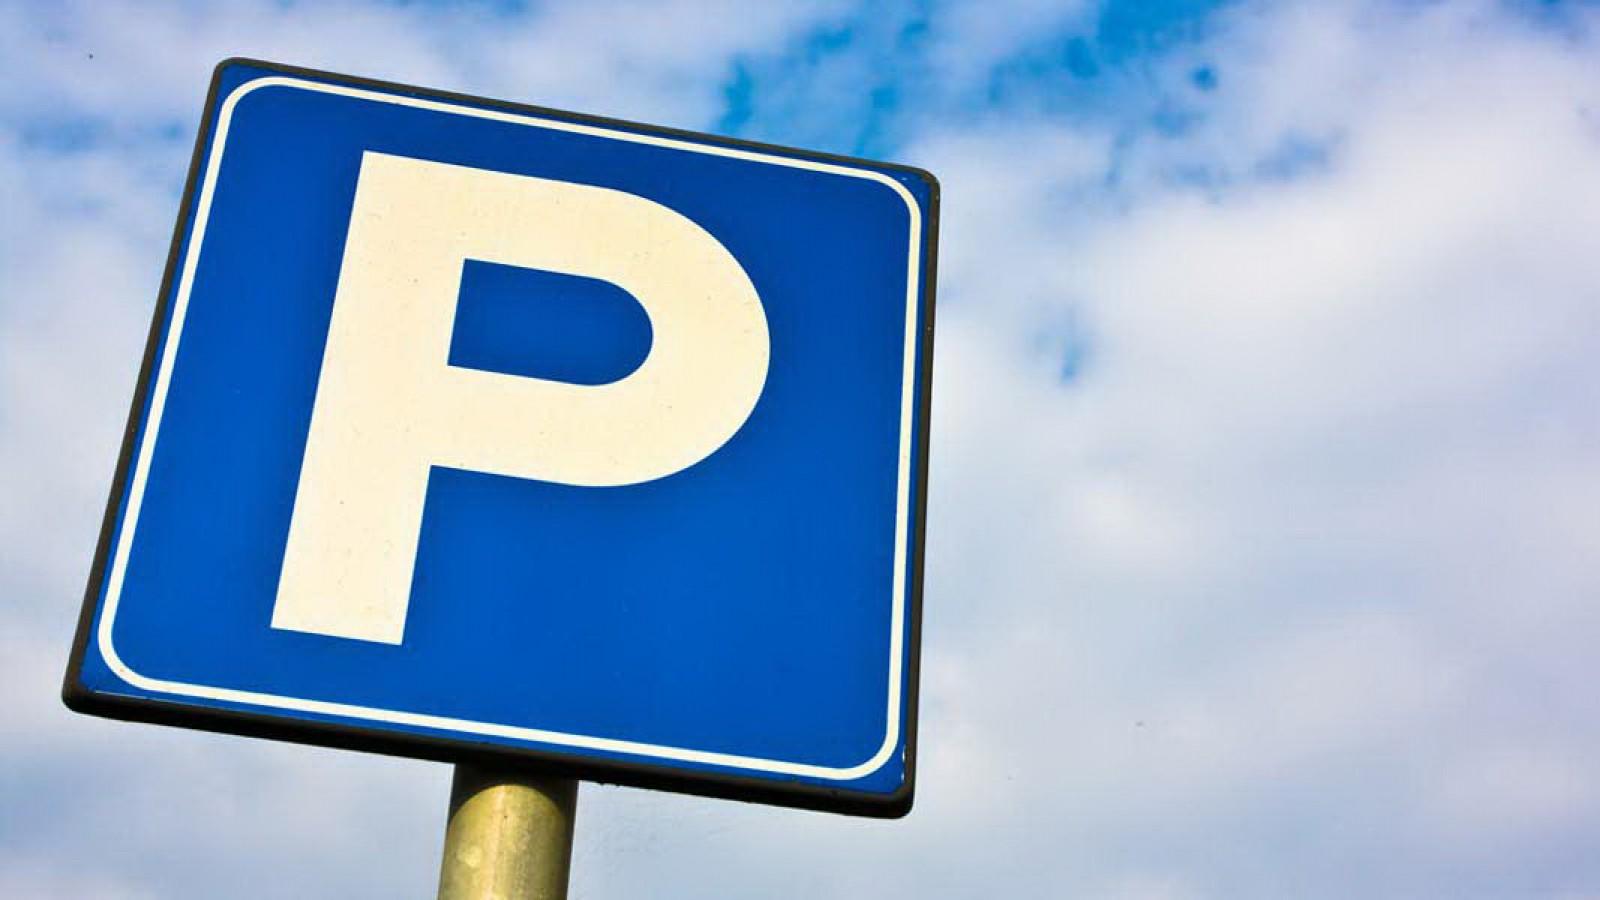 (foto) Chişinău: Cazul în care o maşină parcată iresponsabil poate deveni un obstacol periculos